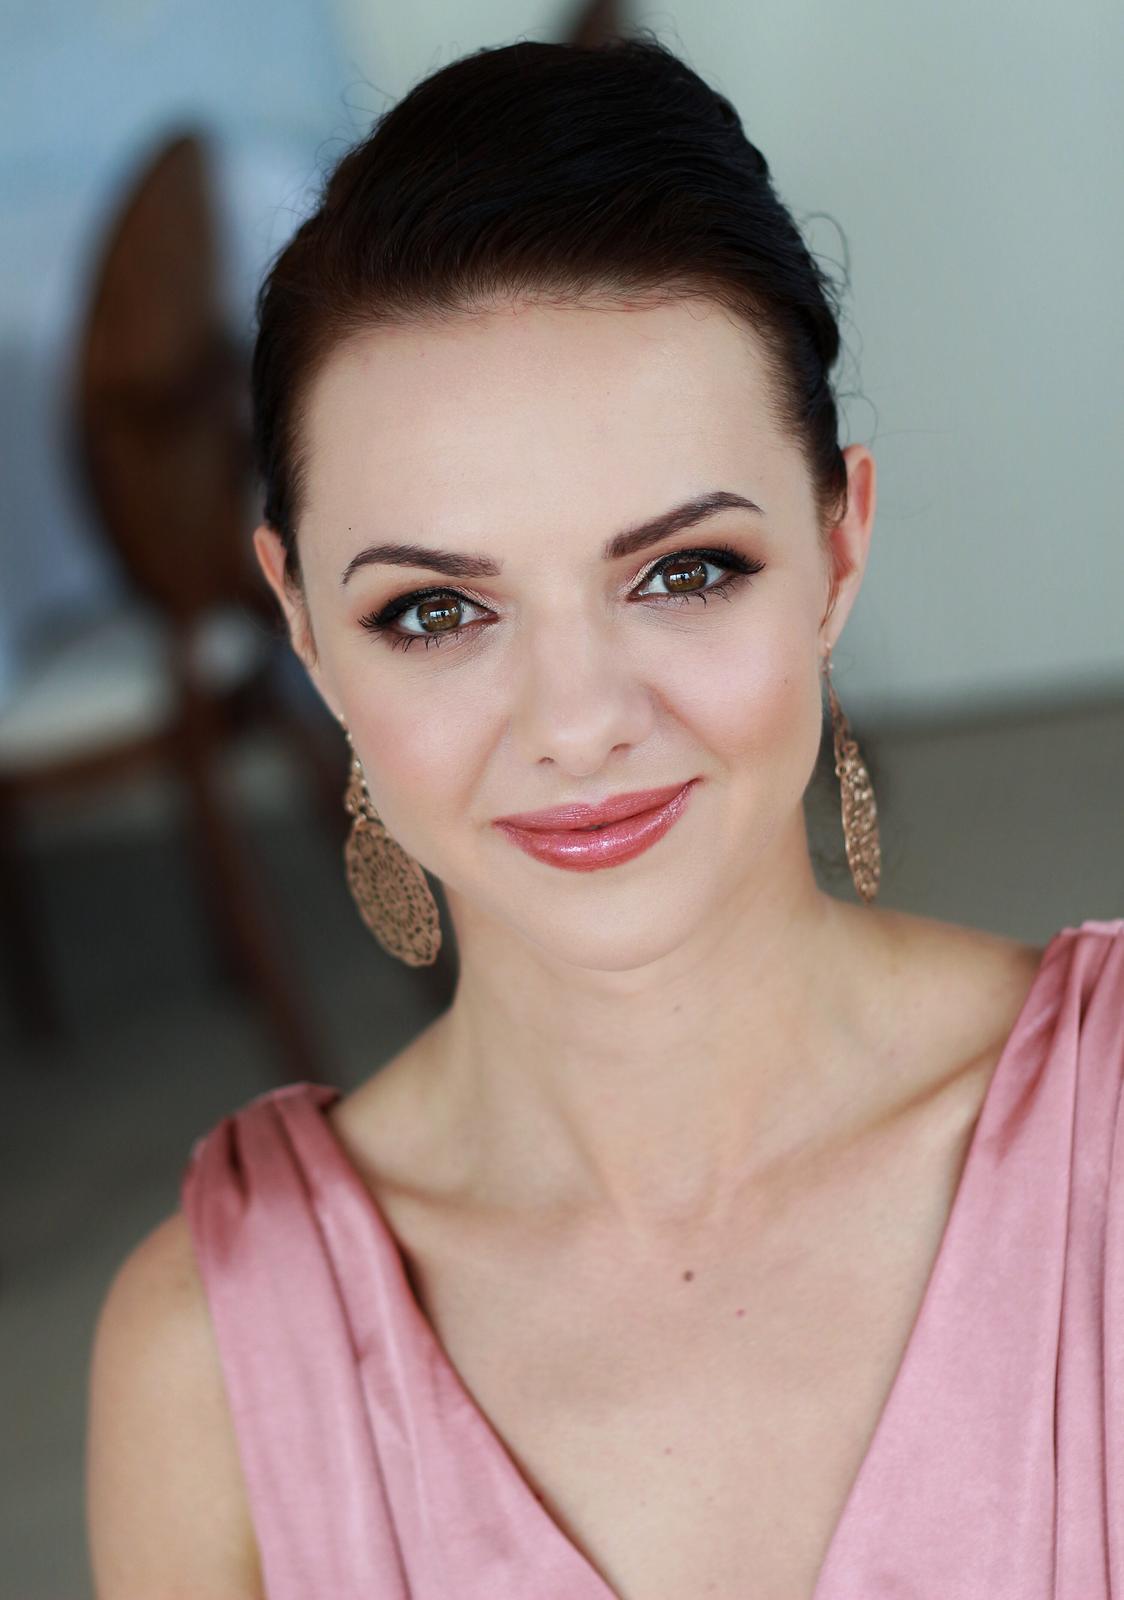 Ličenie, makeupartist Žilina - Obrázok č. 2